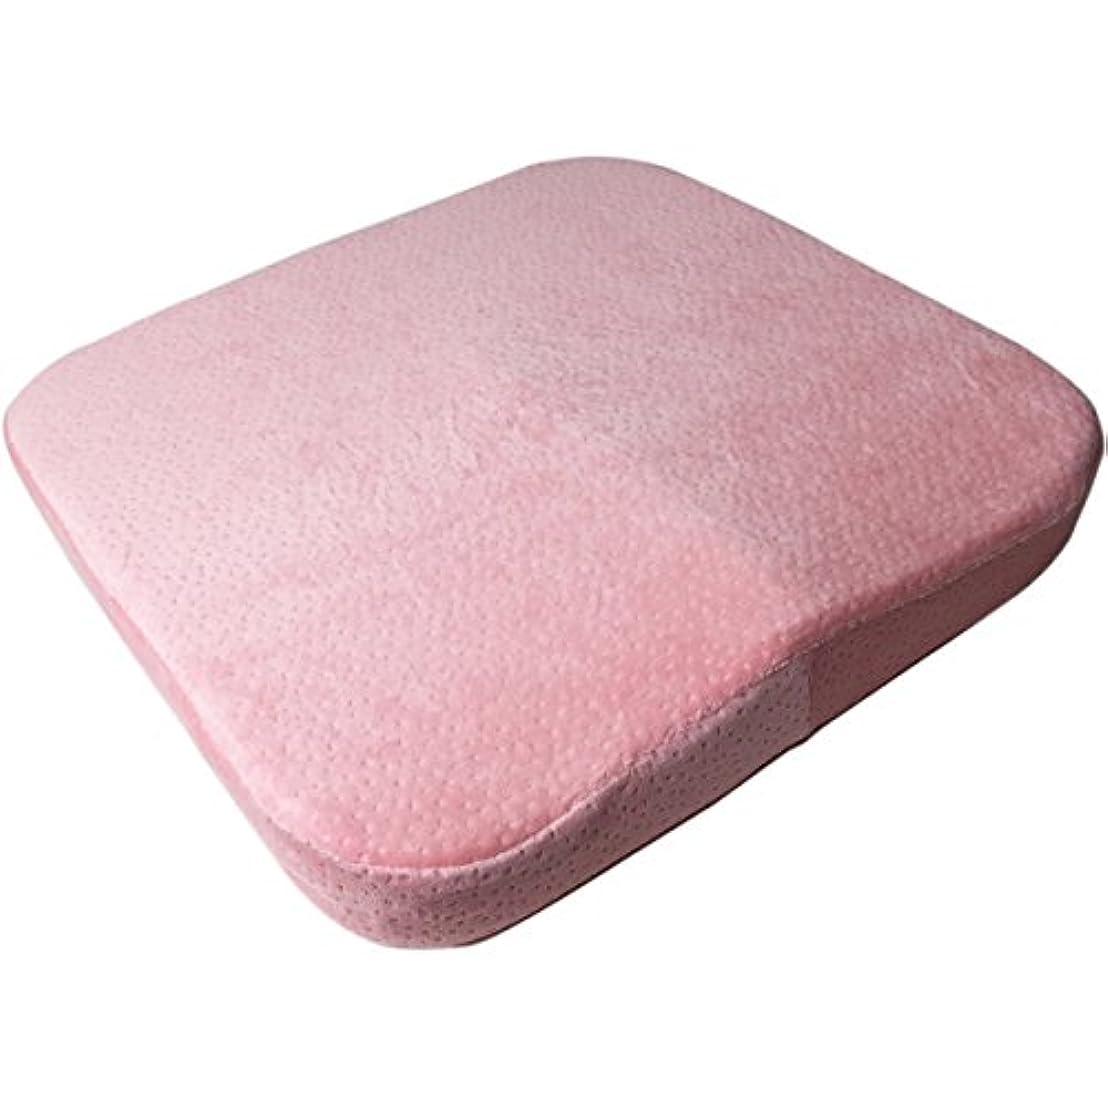 なめる例示する修正するBanane D'or 車椅子用 低反発 クッション 立体成型 車いす 座布団 洗えるカバー (ピンク)